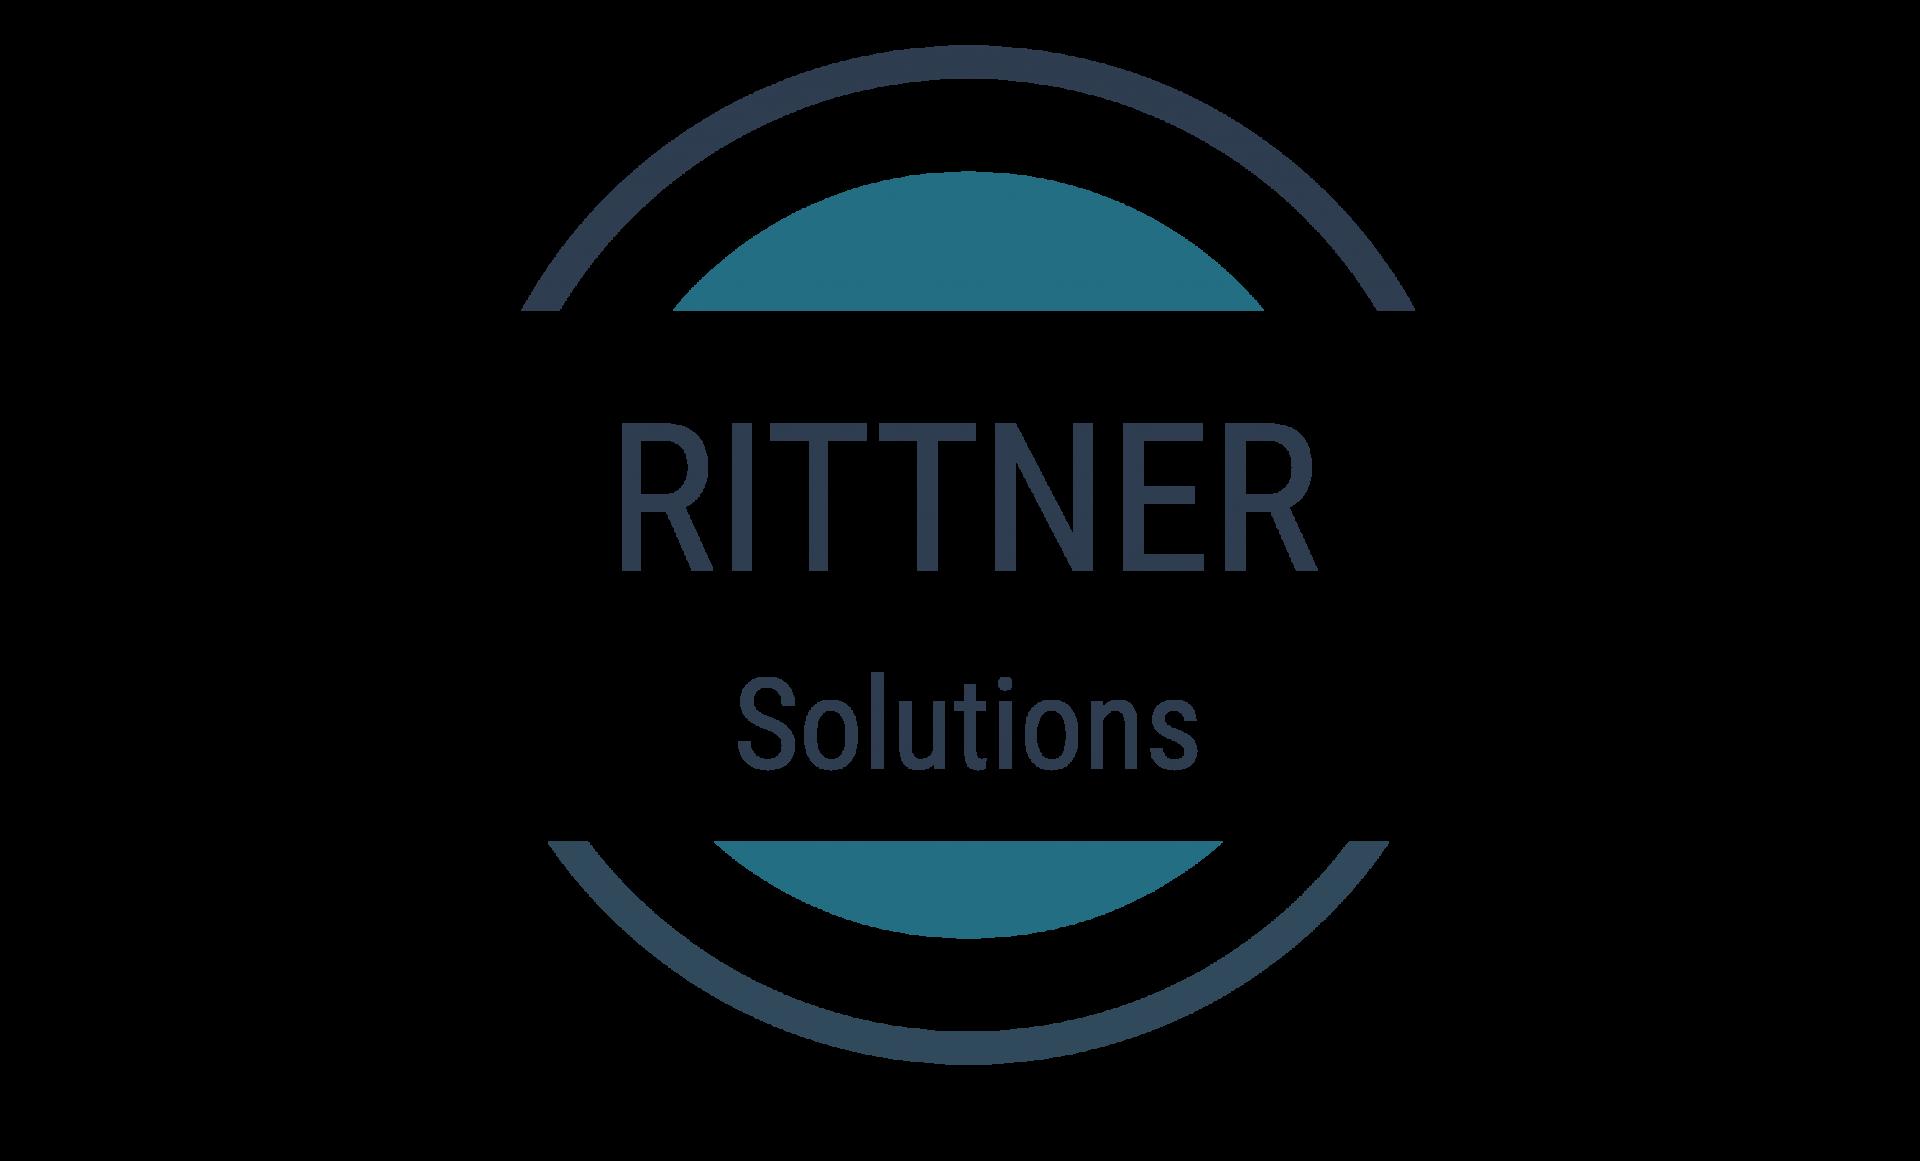 RITTNER SOLUTIONS